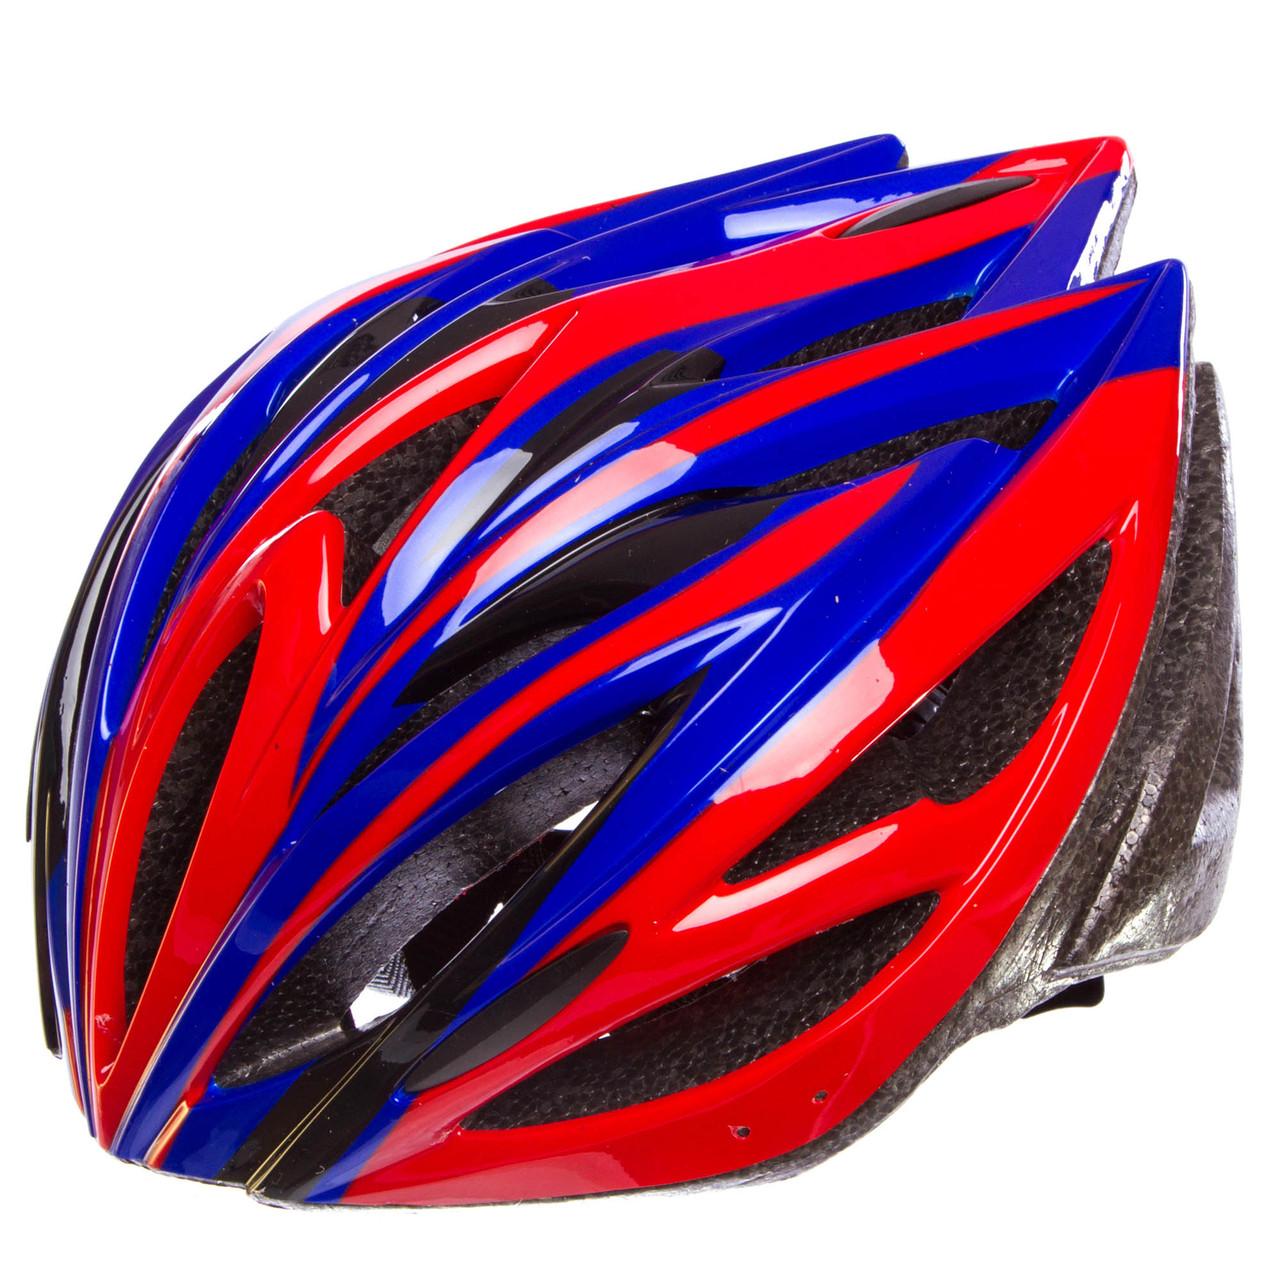 Шлем защитный с механизмом регулировки Zelart, EPS, PE, р-р L-54-56, 12 отверстий, красный (SK-5612)